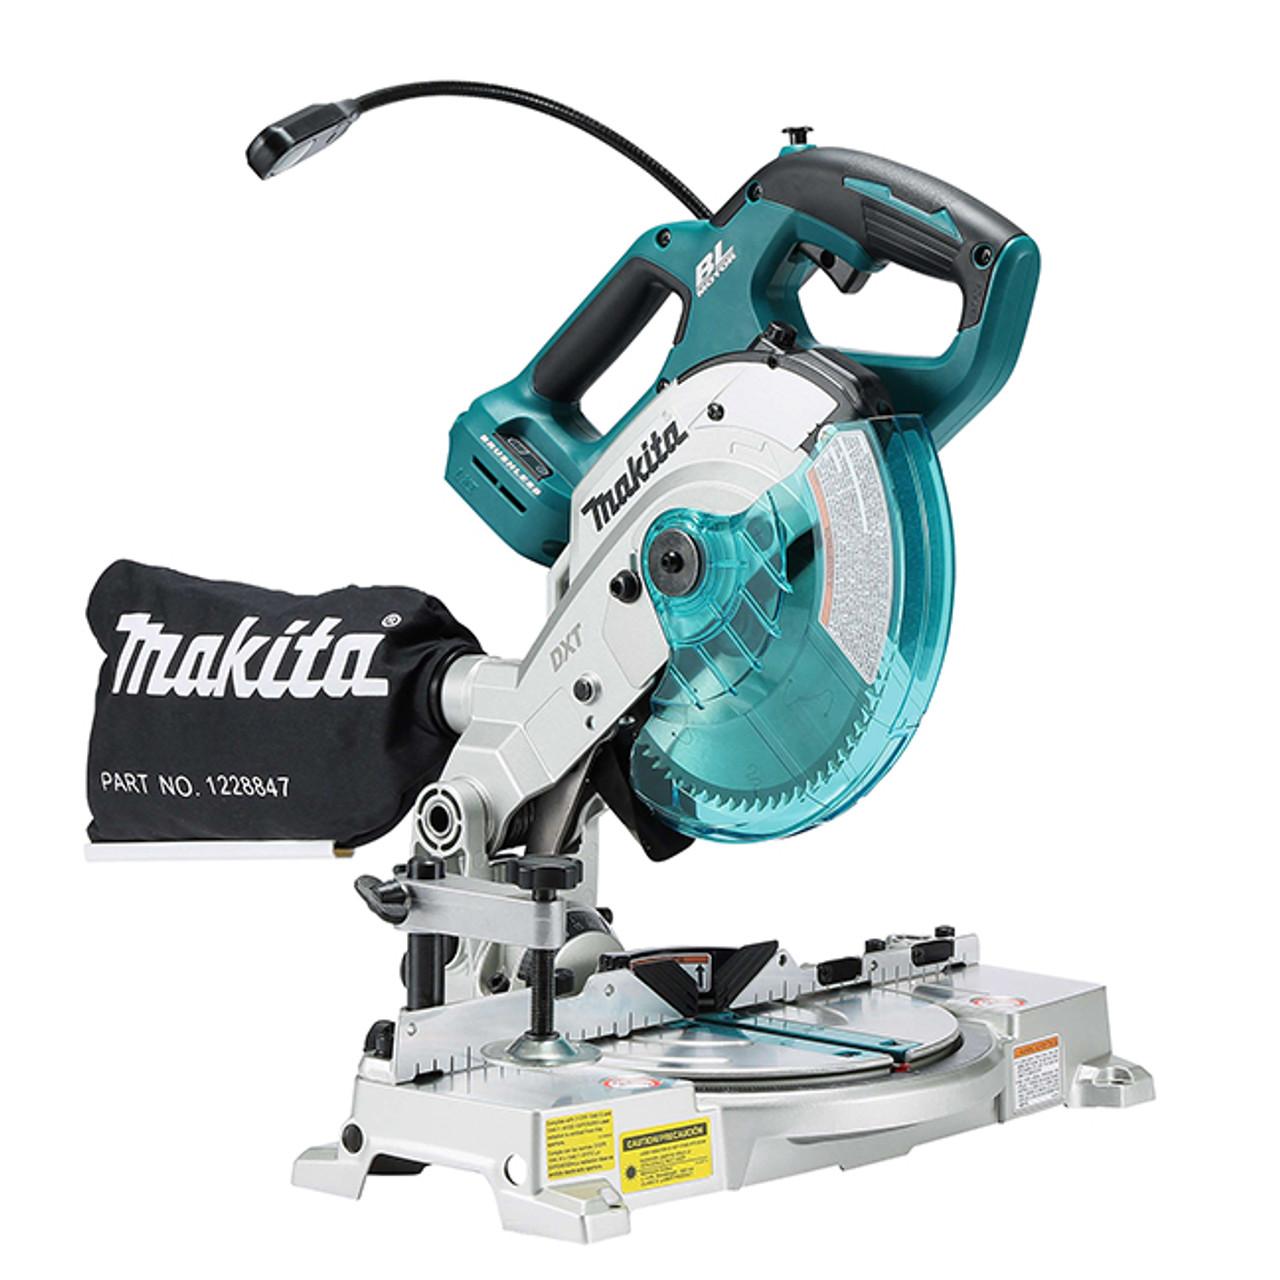 Makita DLS600Z 18V LXT 6-1/2